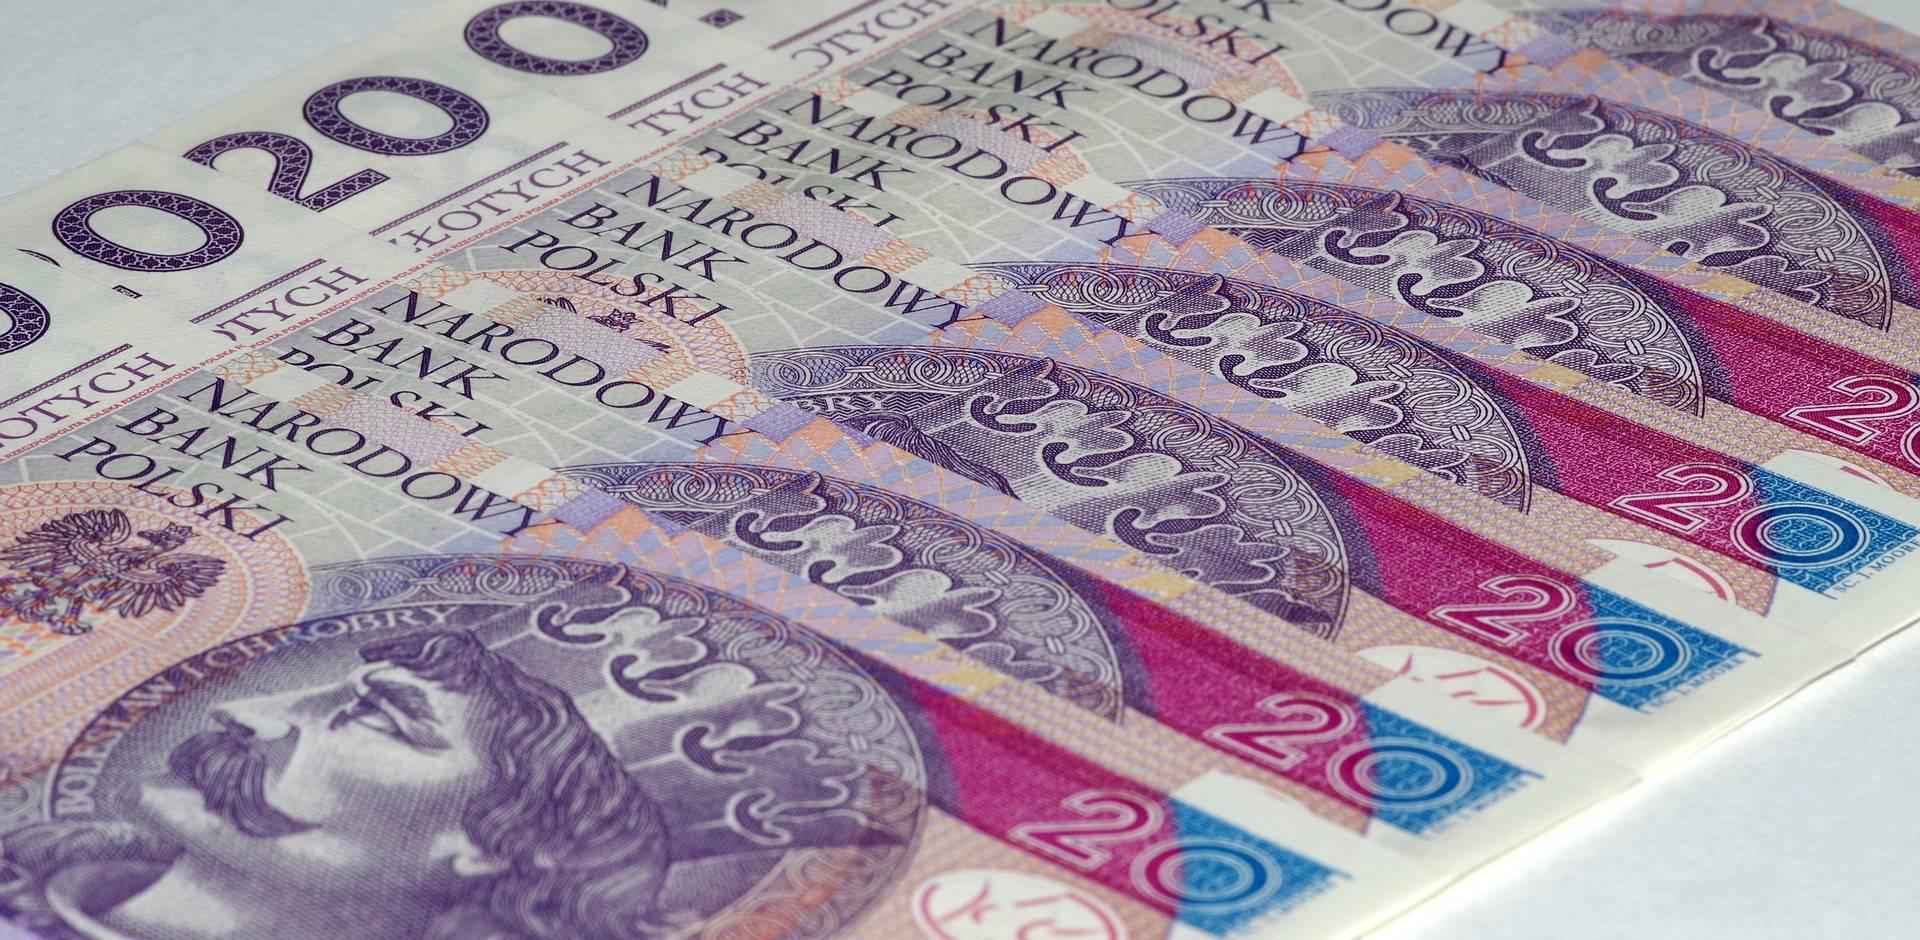 Какая денежная единица польши: евро или злотый? :: syl.ru